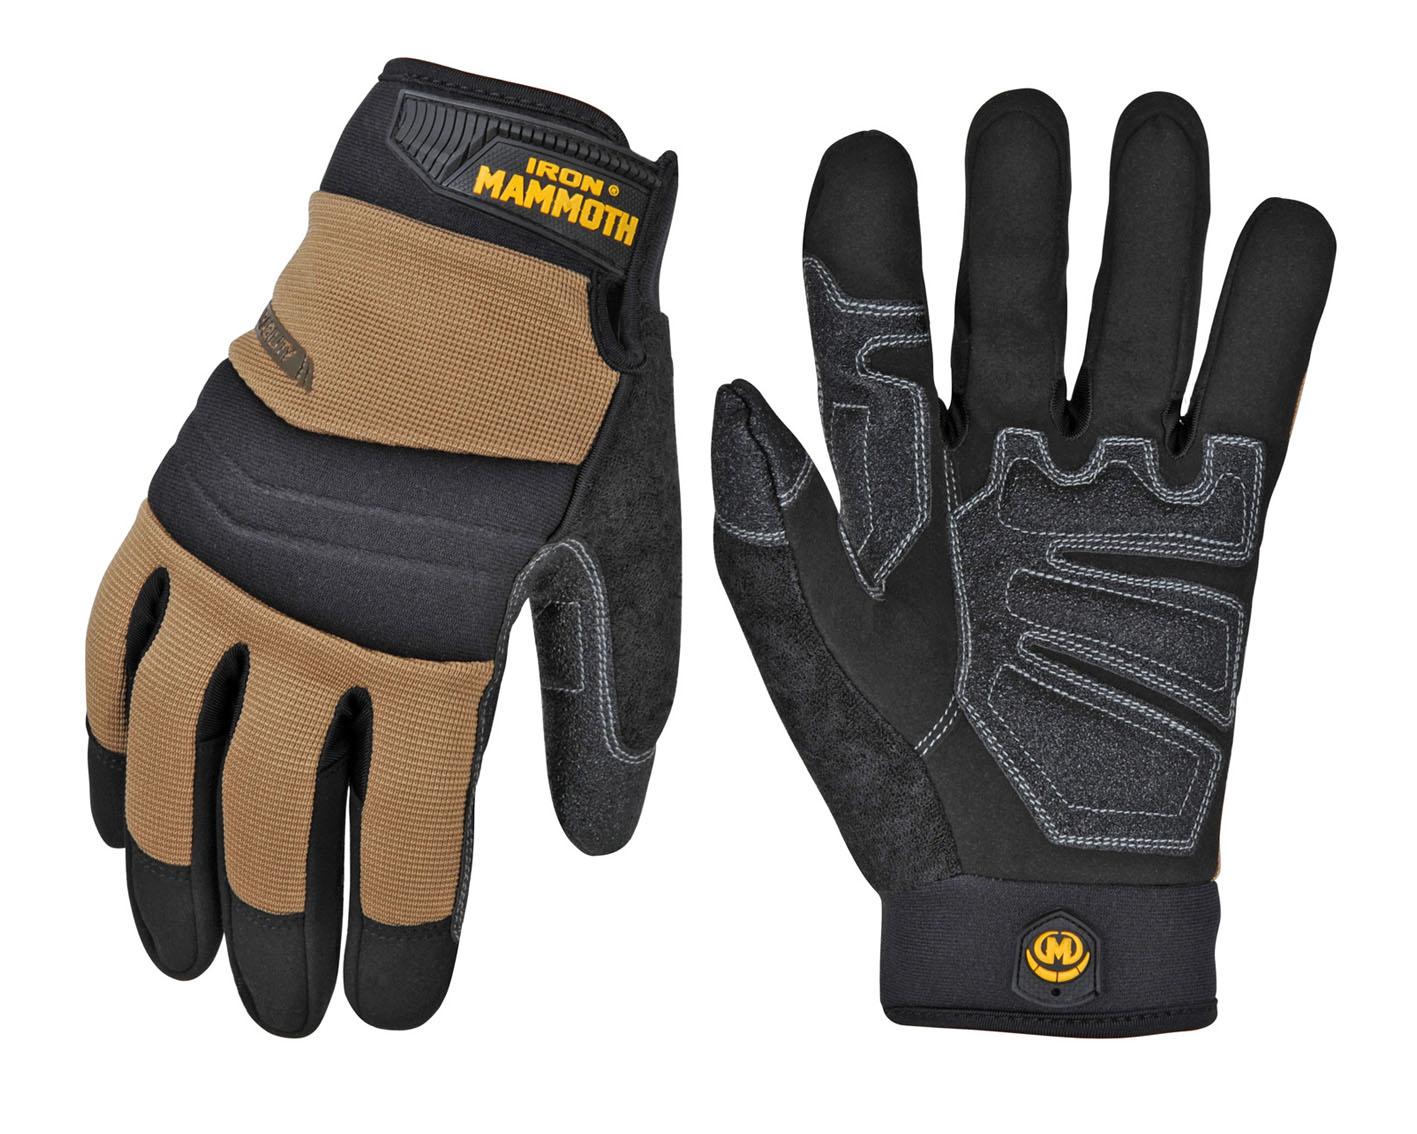 Handyman Work Gloves